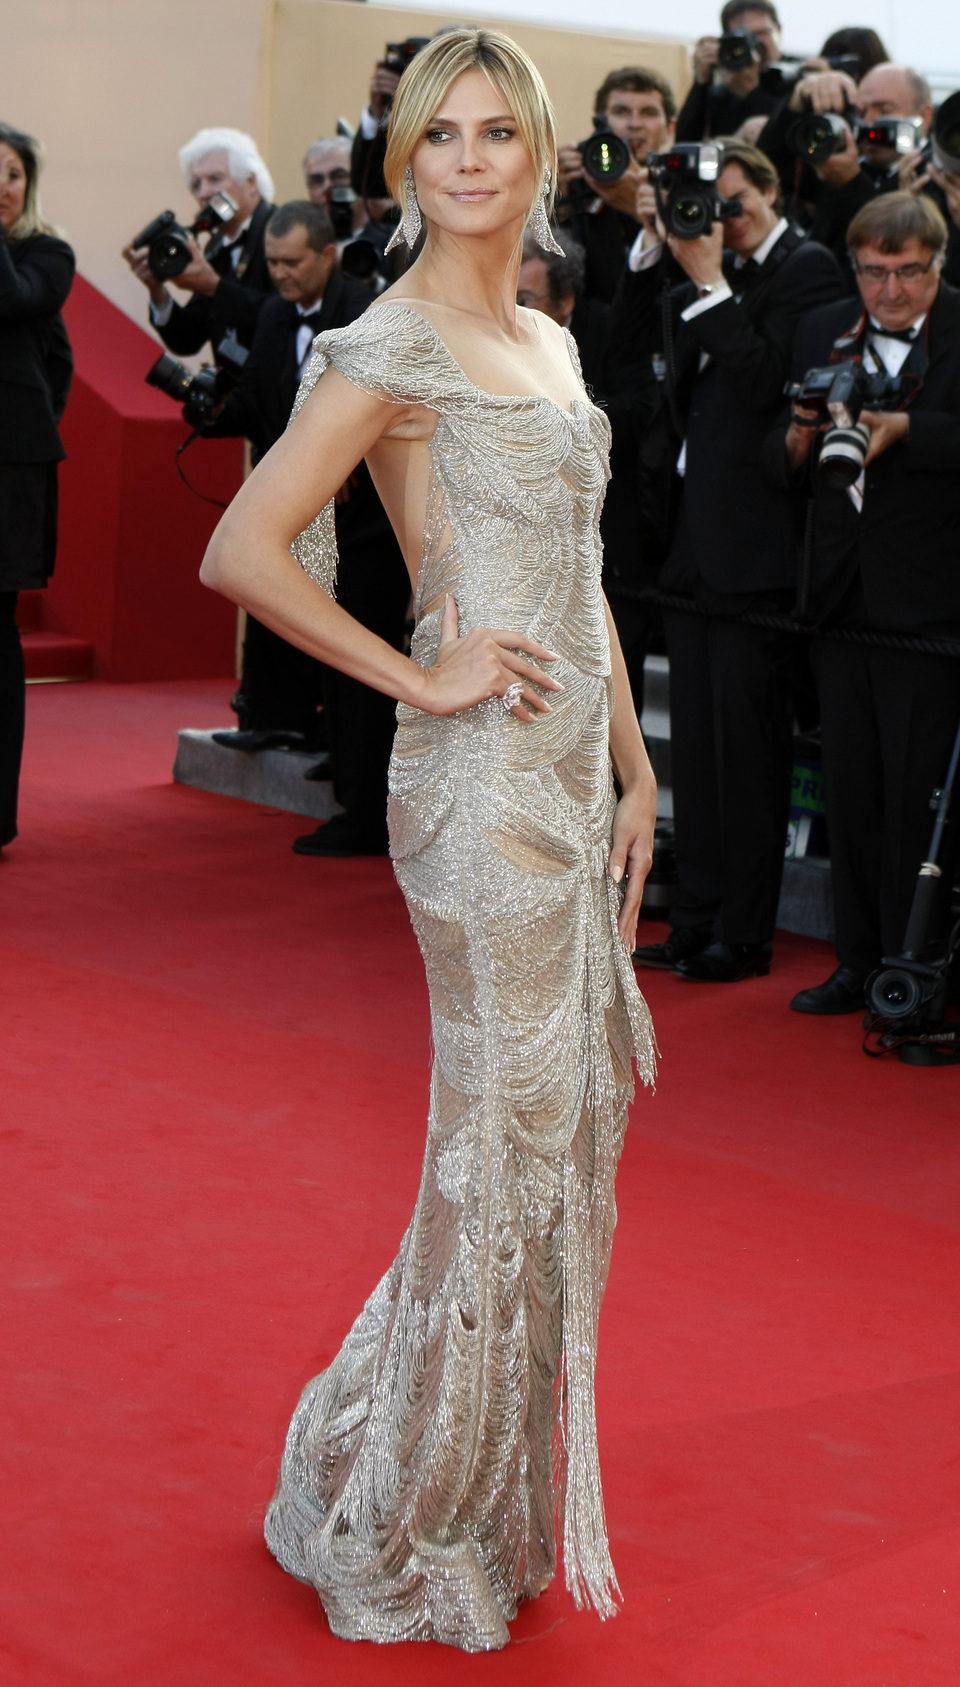 Heidi Klum en el Festival de Cannes 2012